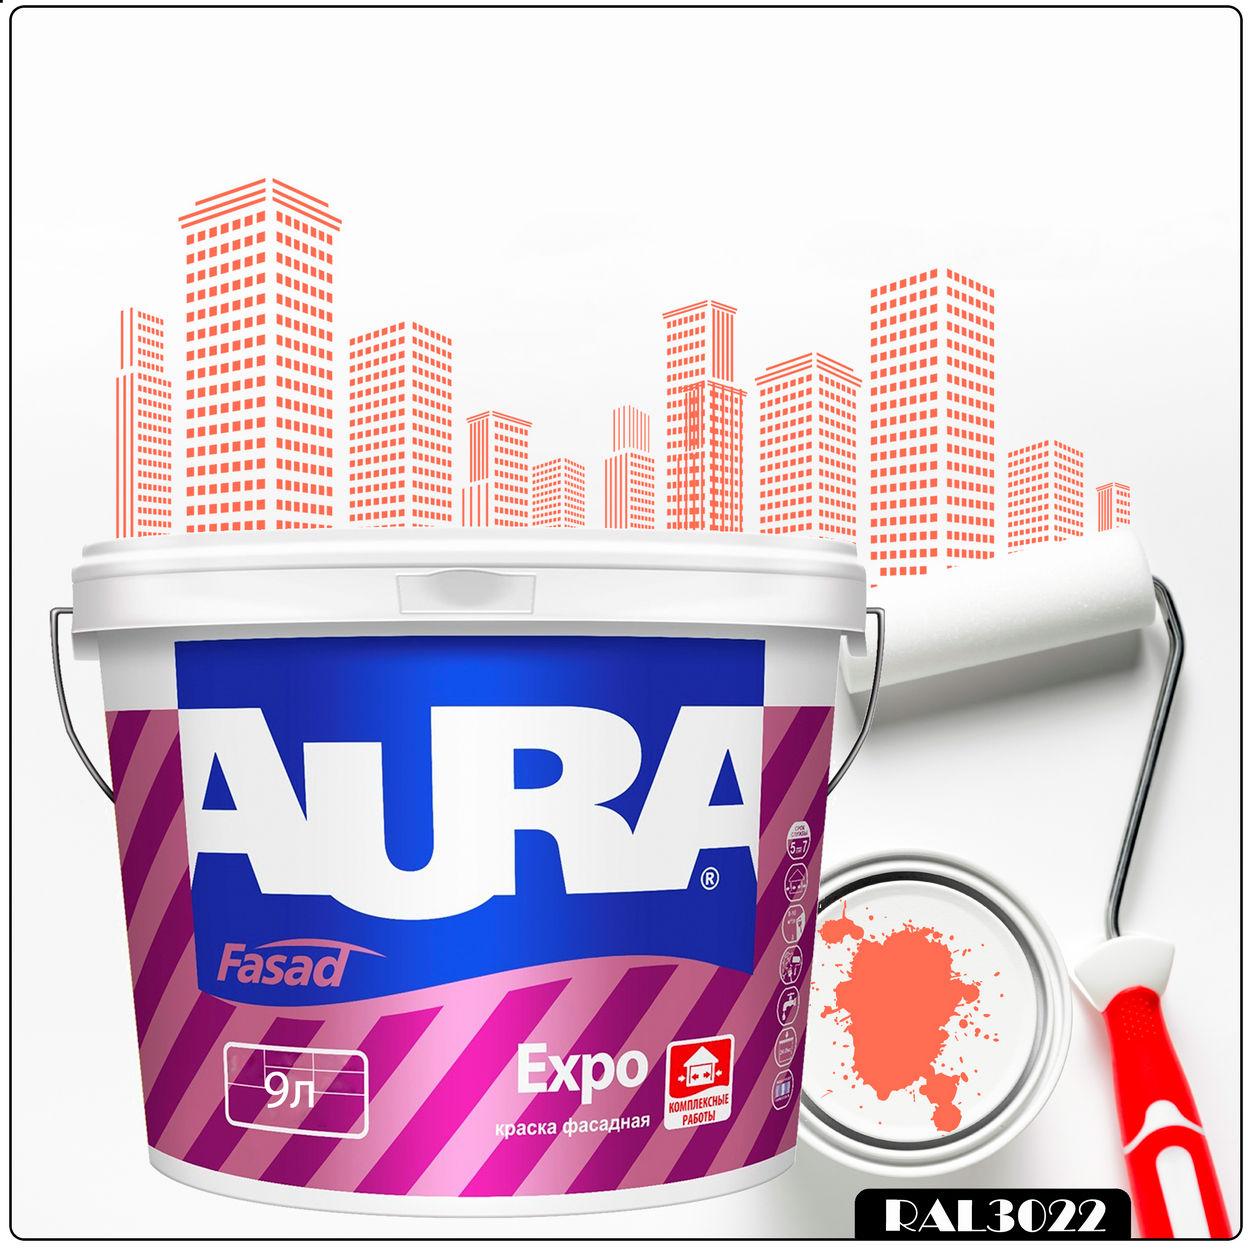 Фото 18 - Краска Aura Fasad Expo, RAL 3022 Лососёво-красный, матовая, для фасадов и помещений с повышенной влажностью, 9л.